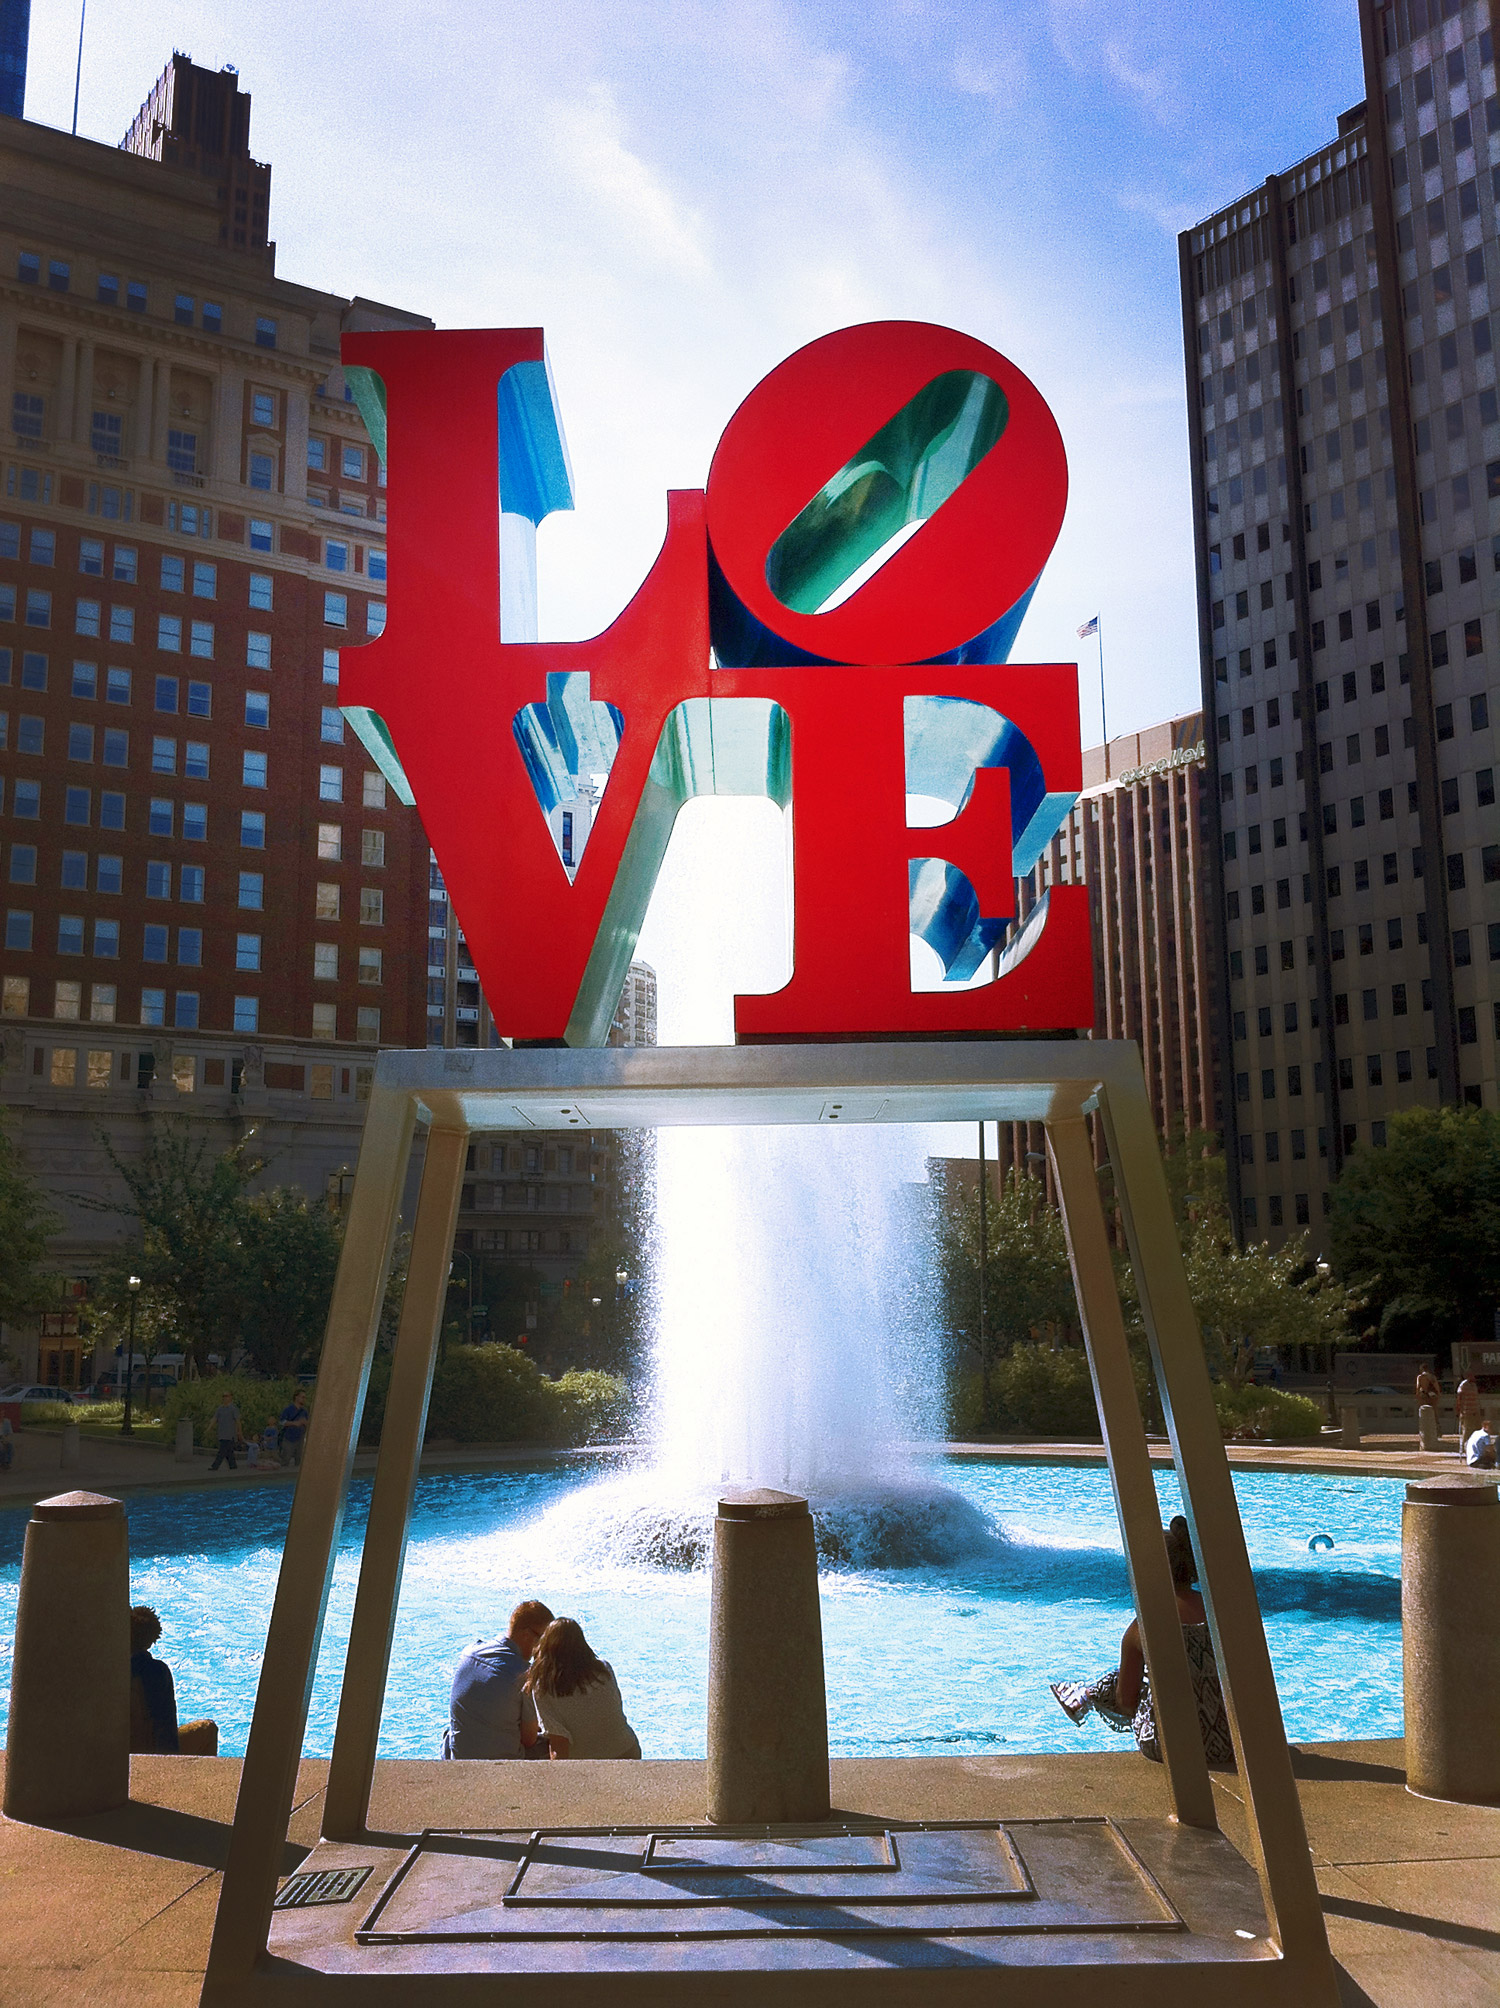 Art-LoveParkPhilly